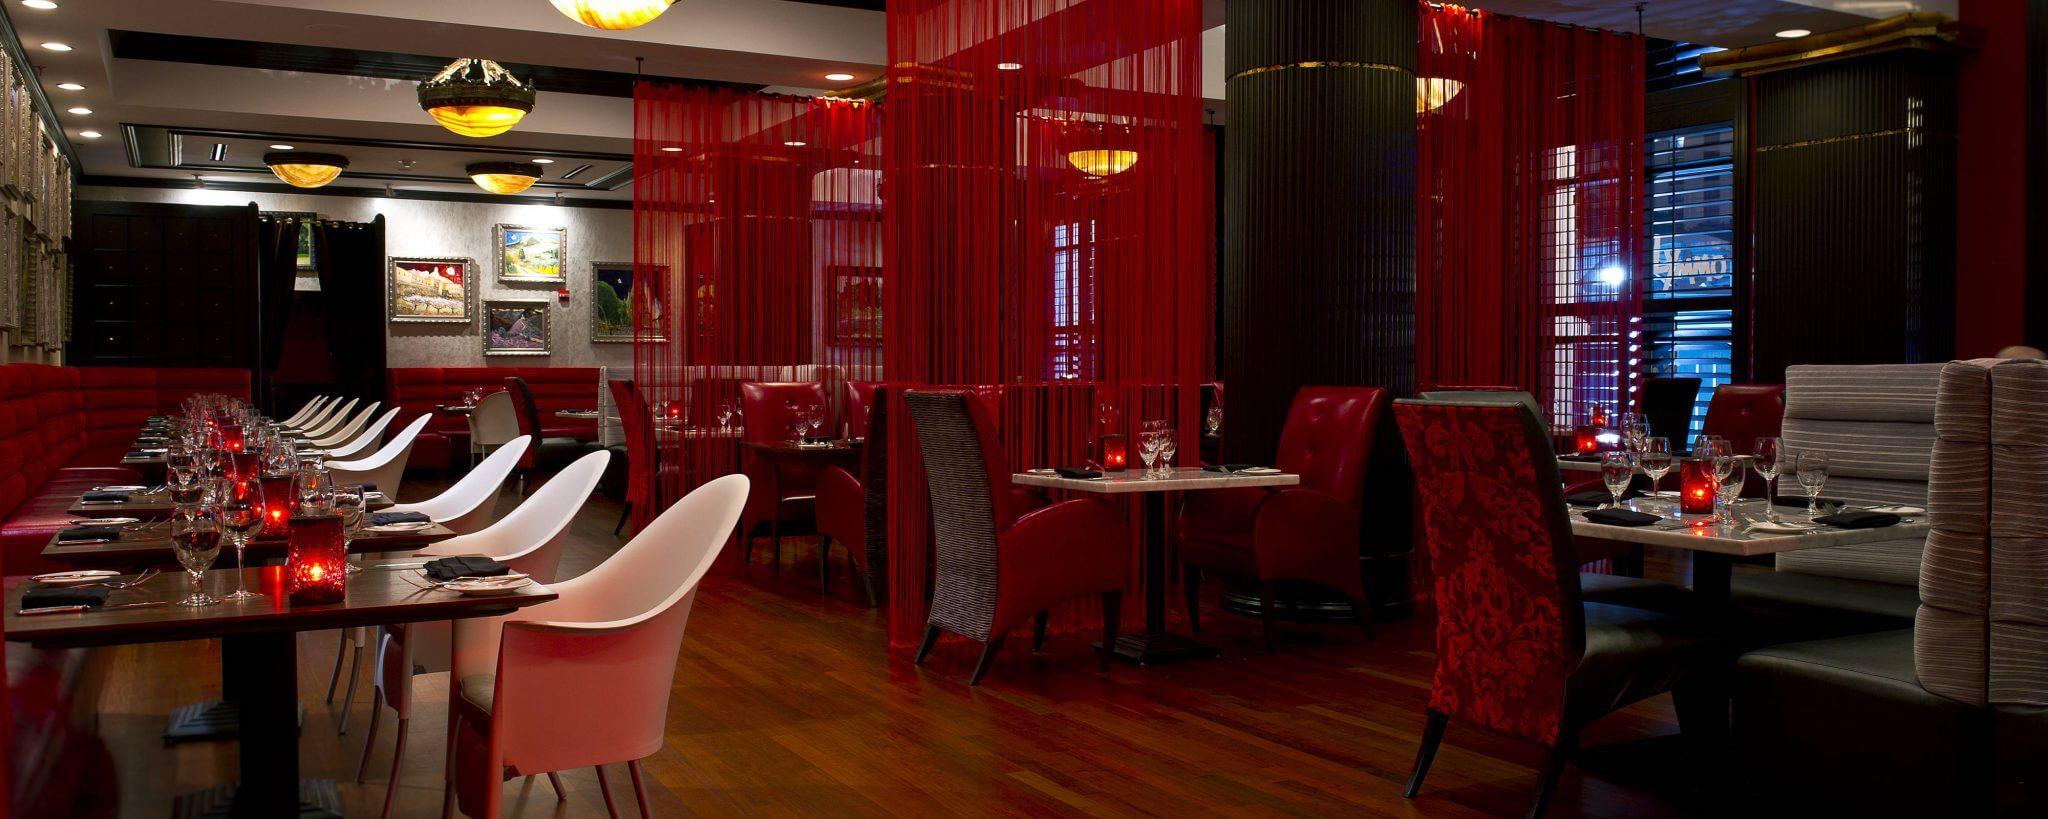 7 restaurantes e cafés emDowntown Orlando: Restaurante The Boheme